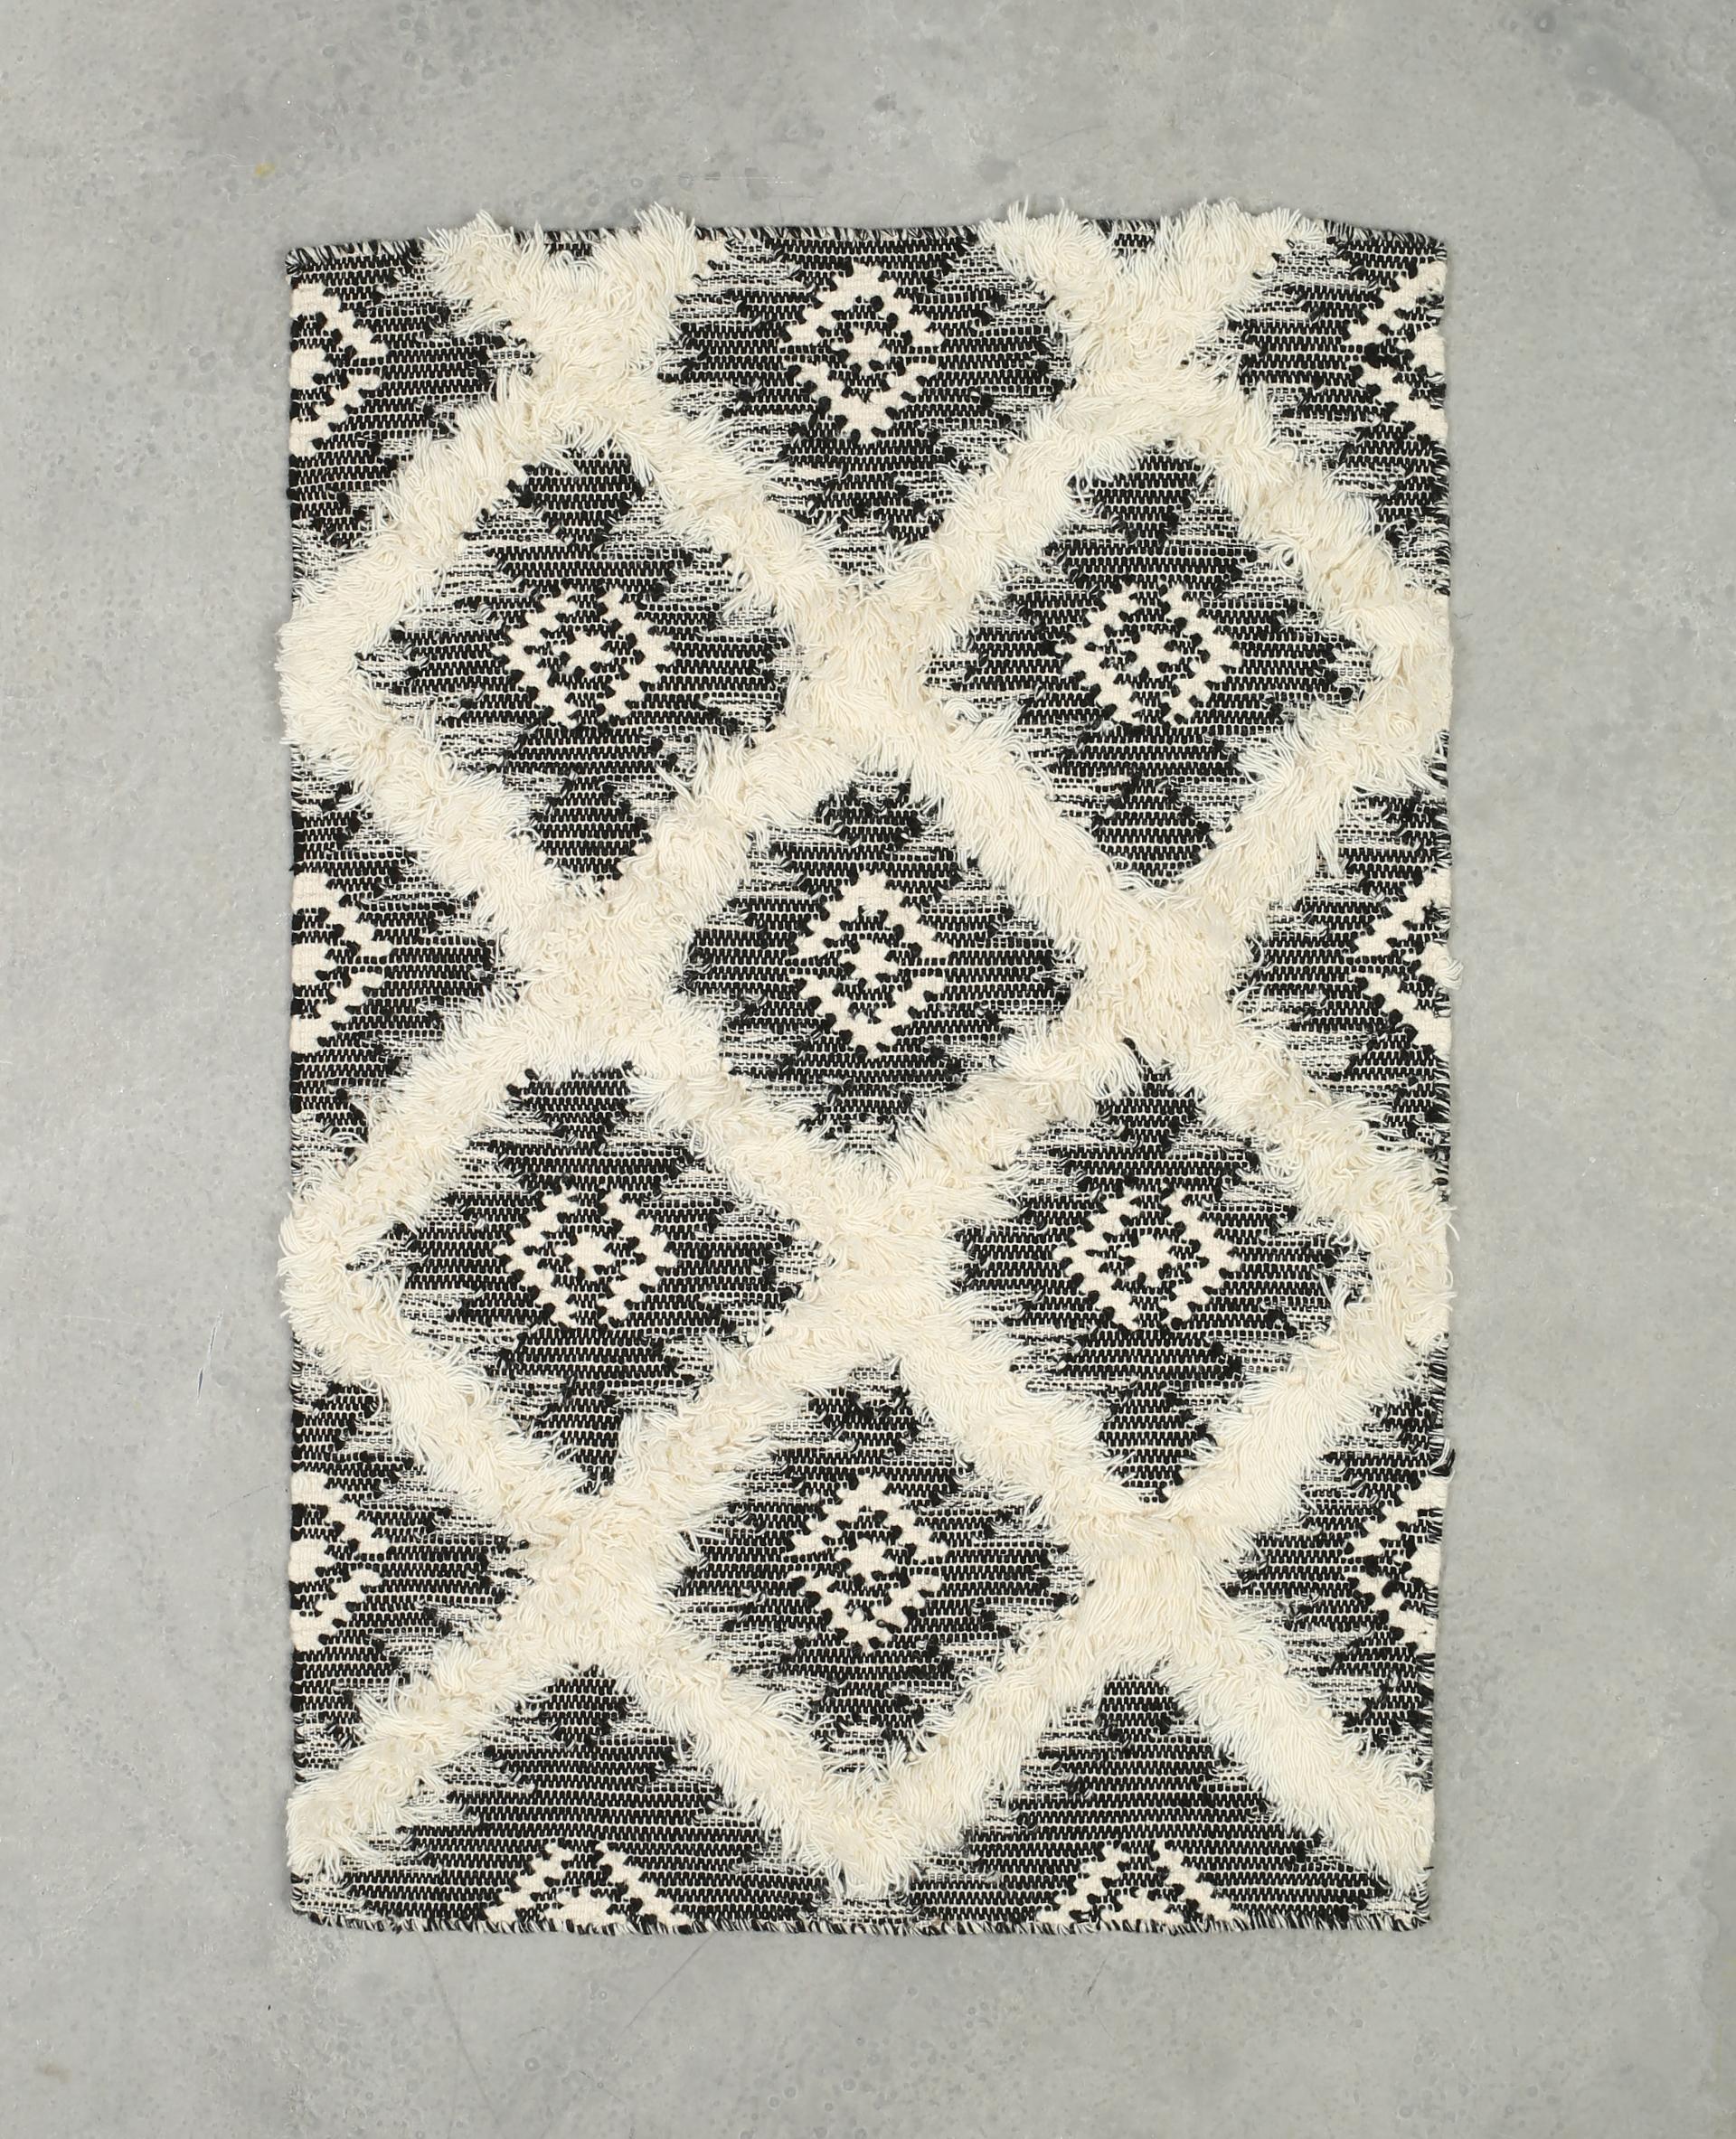 tapis ethnique losanges noir 907097899i89 pimkie. Black Bedroom Furniture Sets. Home Design Ideas